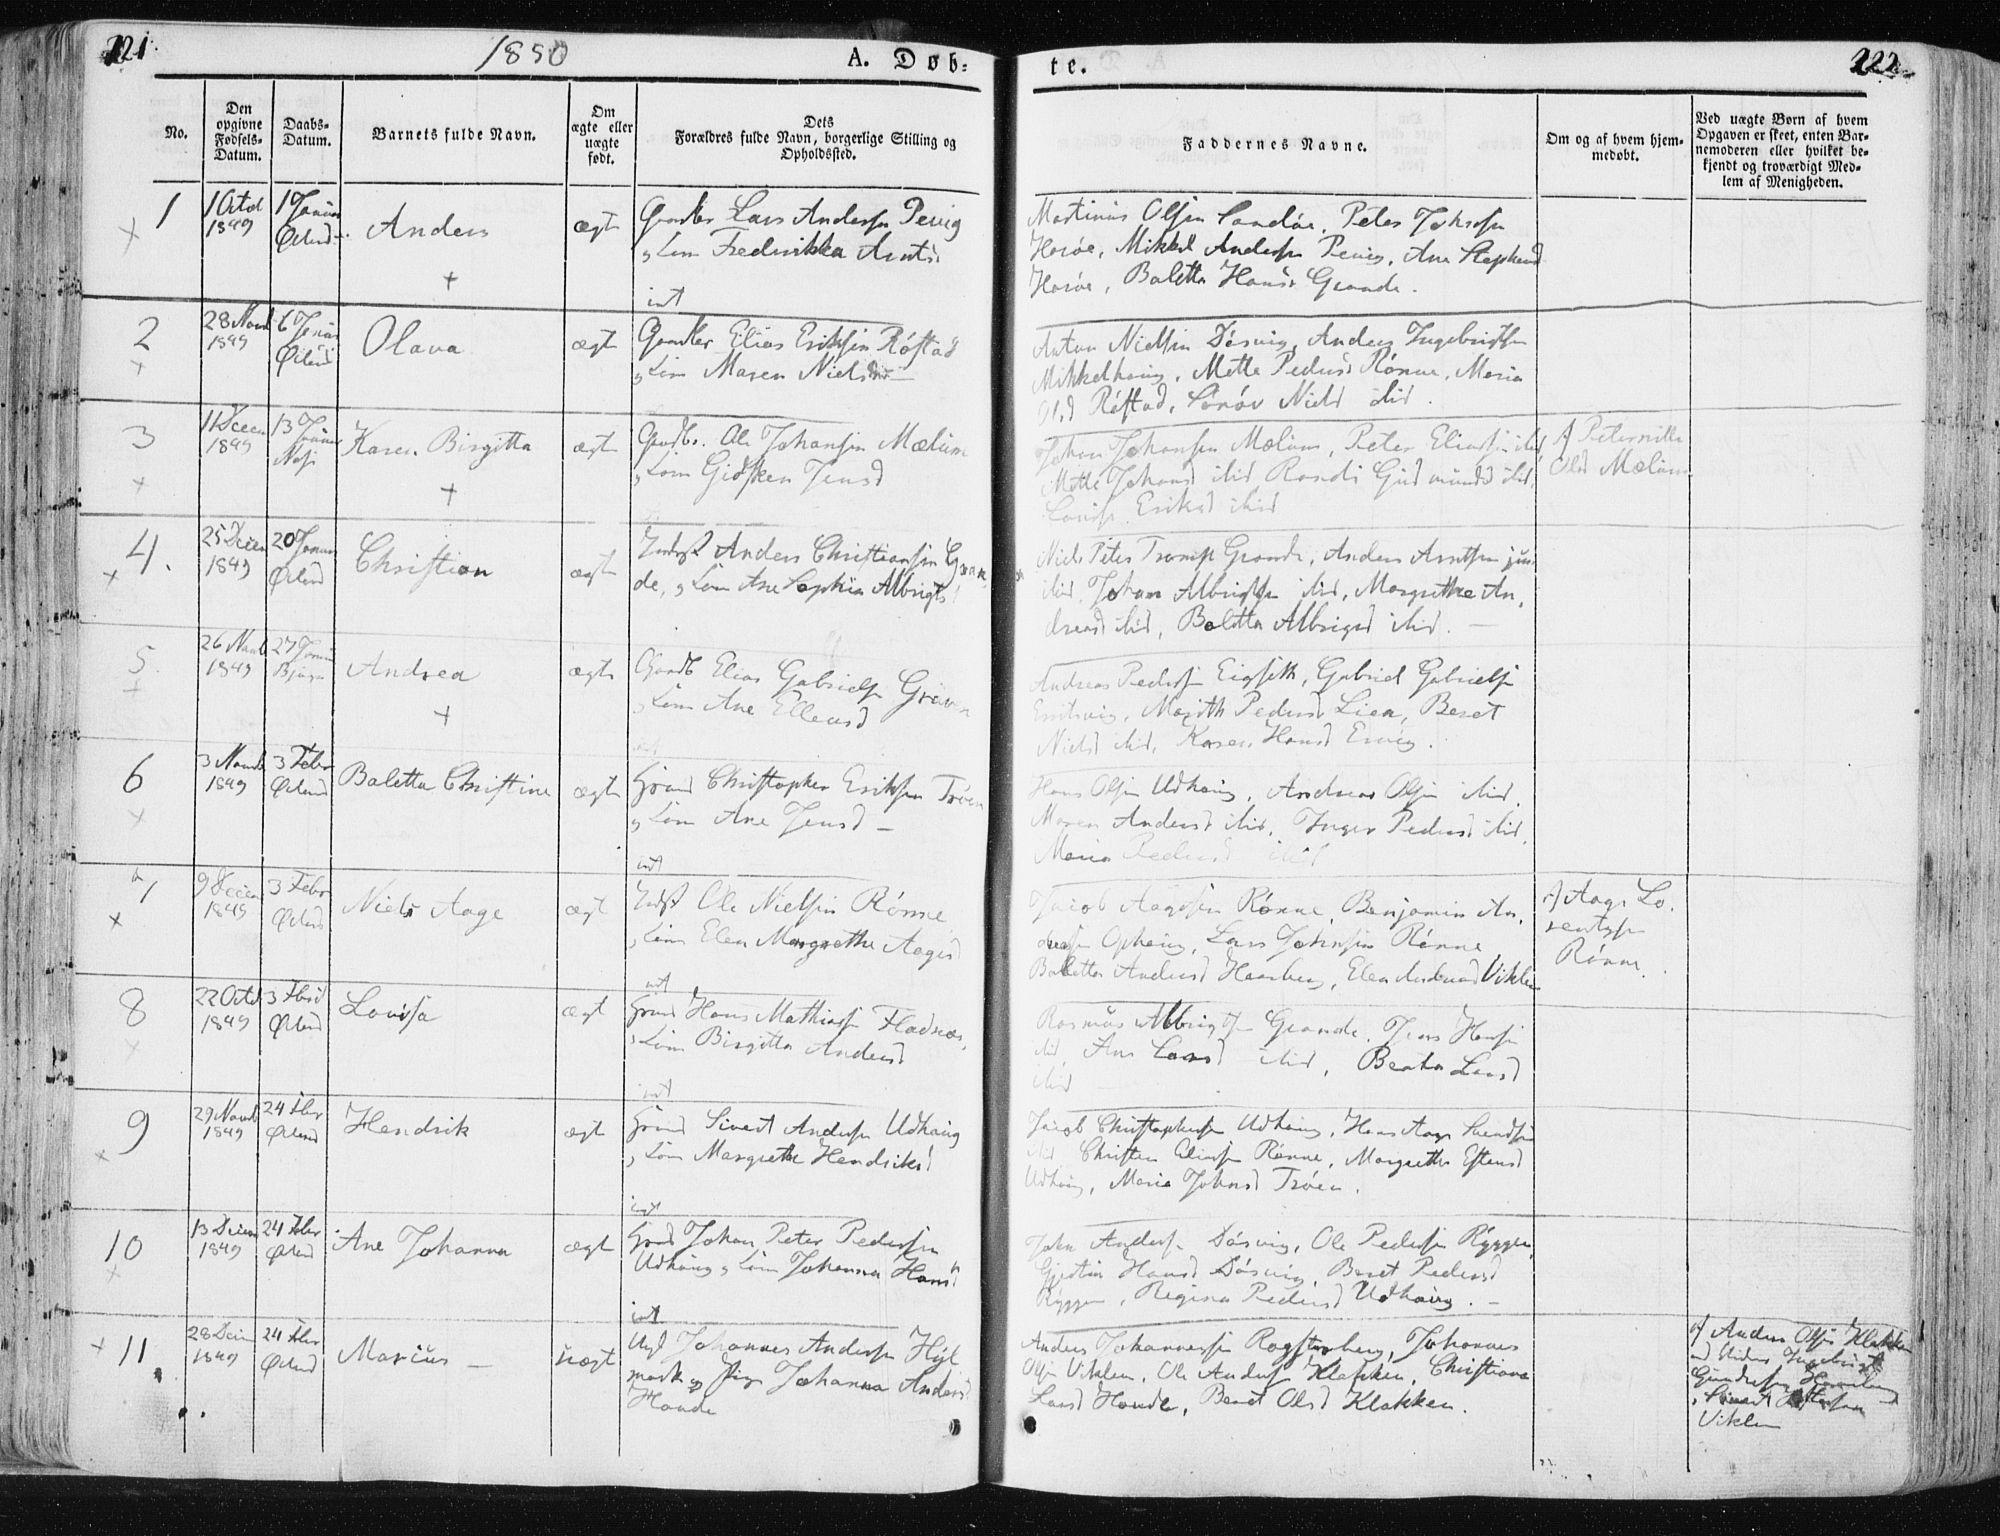 SAT, Ministerialprotokoller, klokkerbøker og fødselsregistre - Sør-Trøndelag, 659/L0736: Ministerialbok nr. 659A06, 1842-1856, s. 221-222